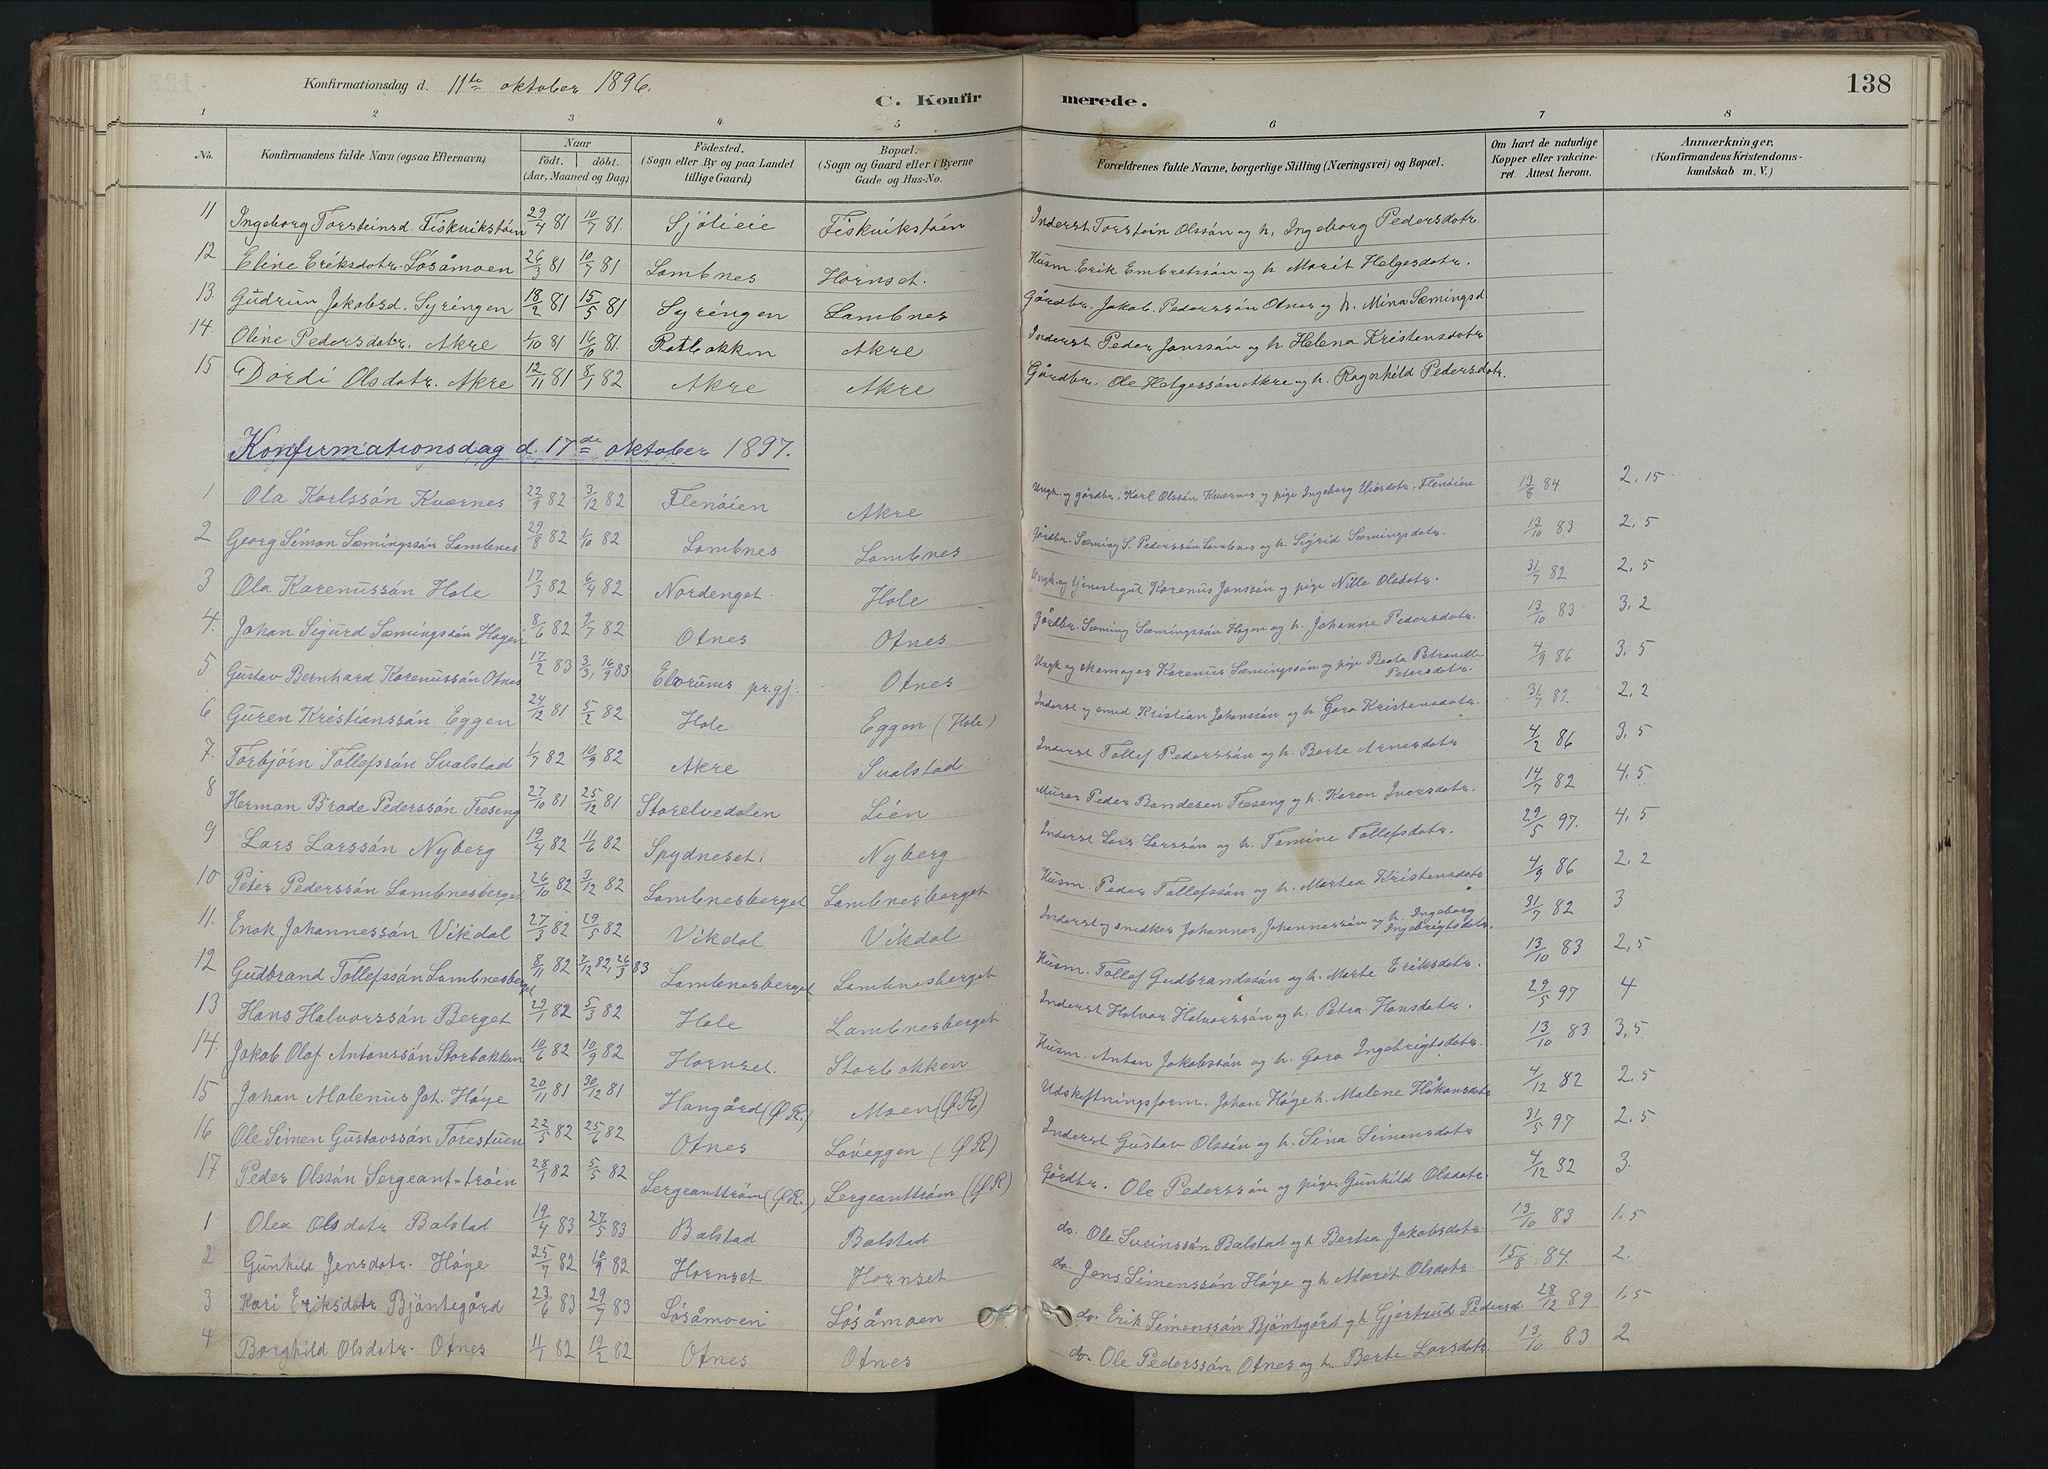 SAH, Rendalen prestekontor, H/Ha/Hab/L0009: Klokkerbok nr. 9, 1879-1902, s. 138